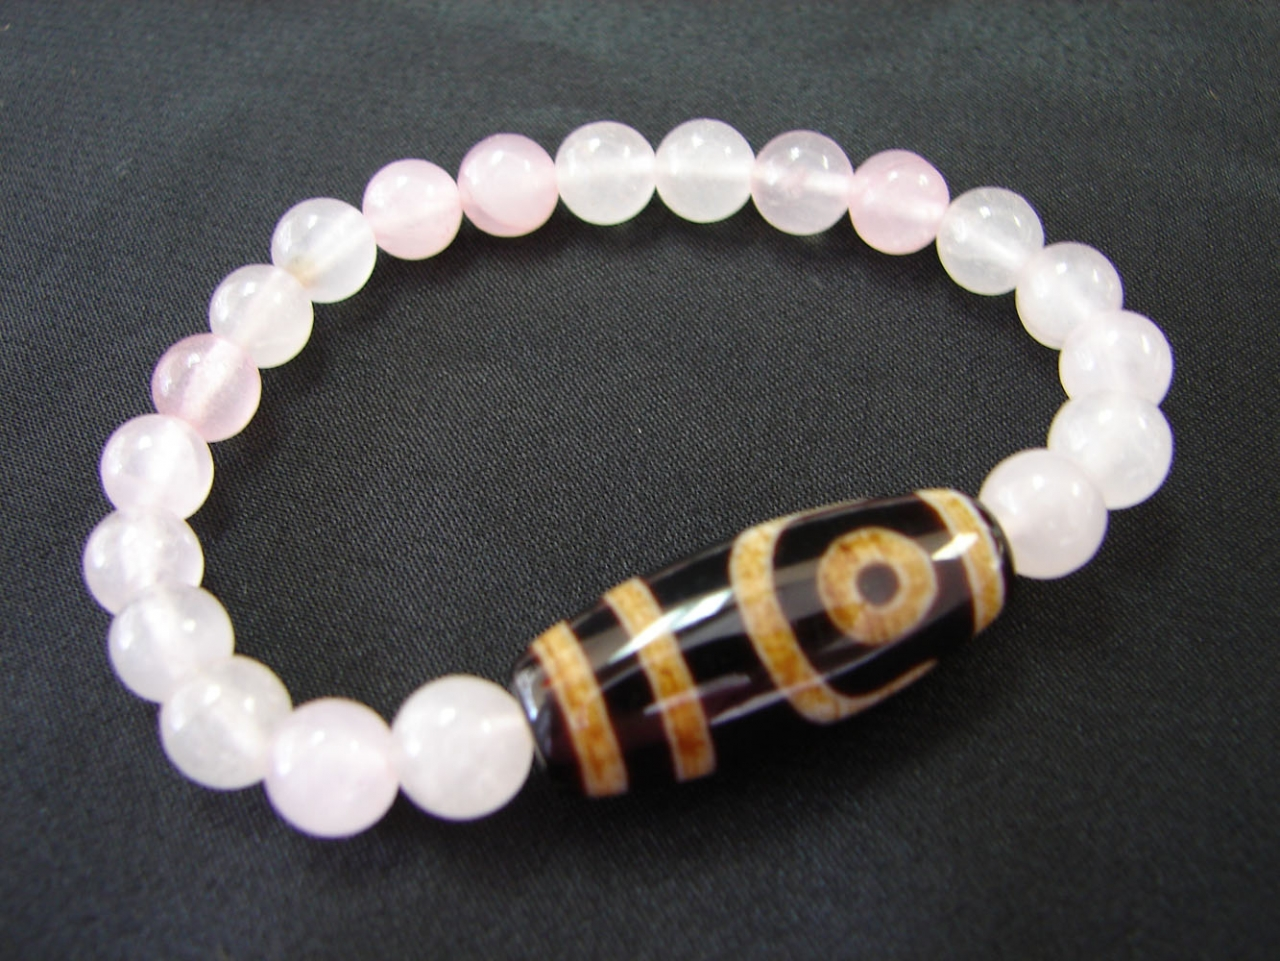 2 eye dzi with quartz bead bracelet